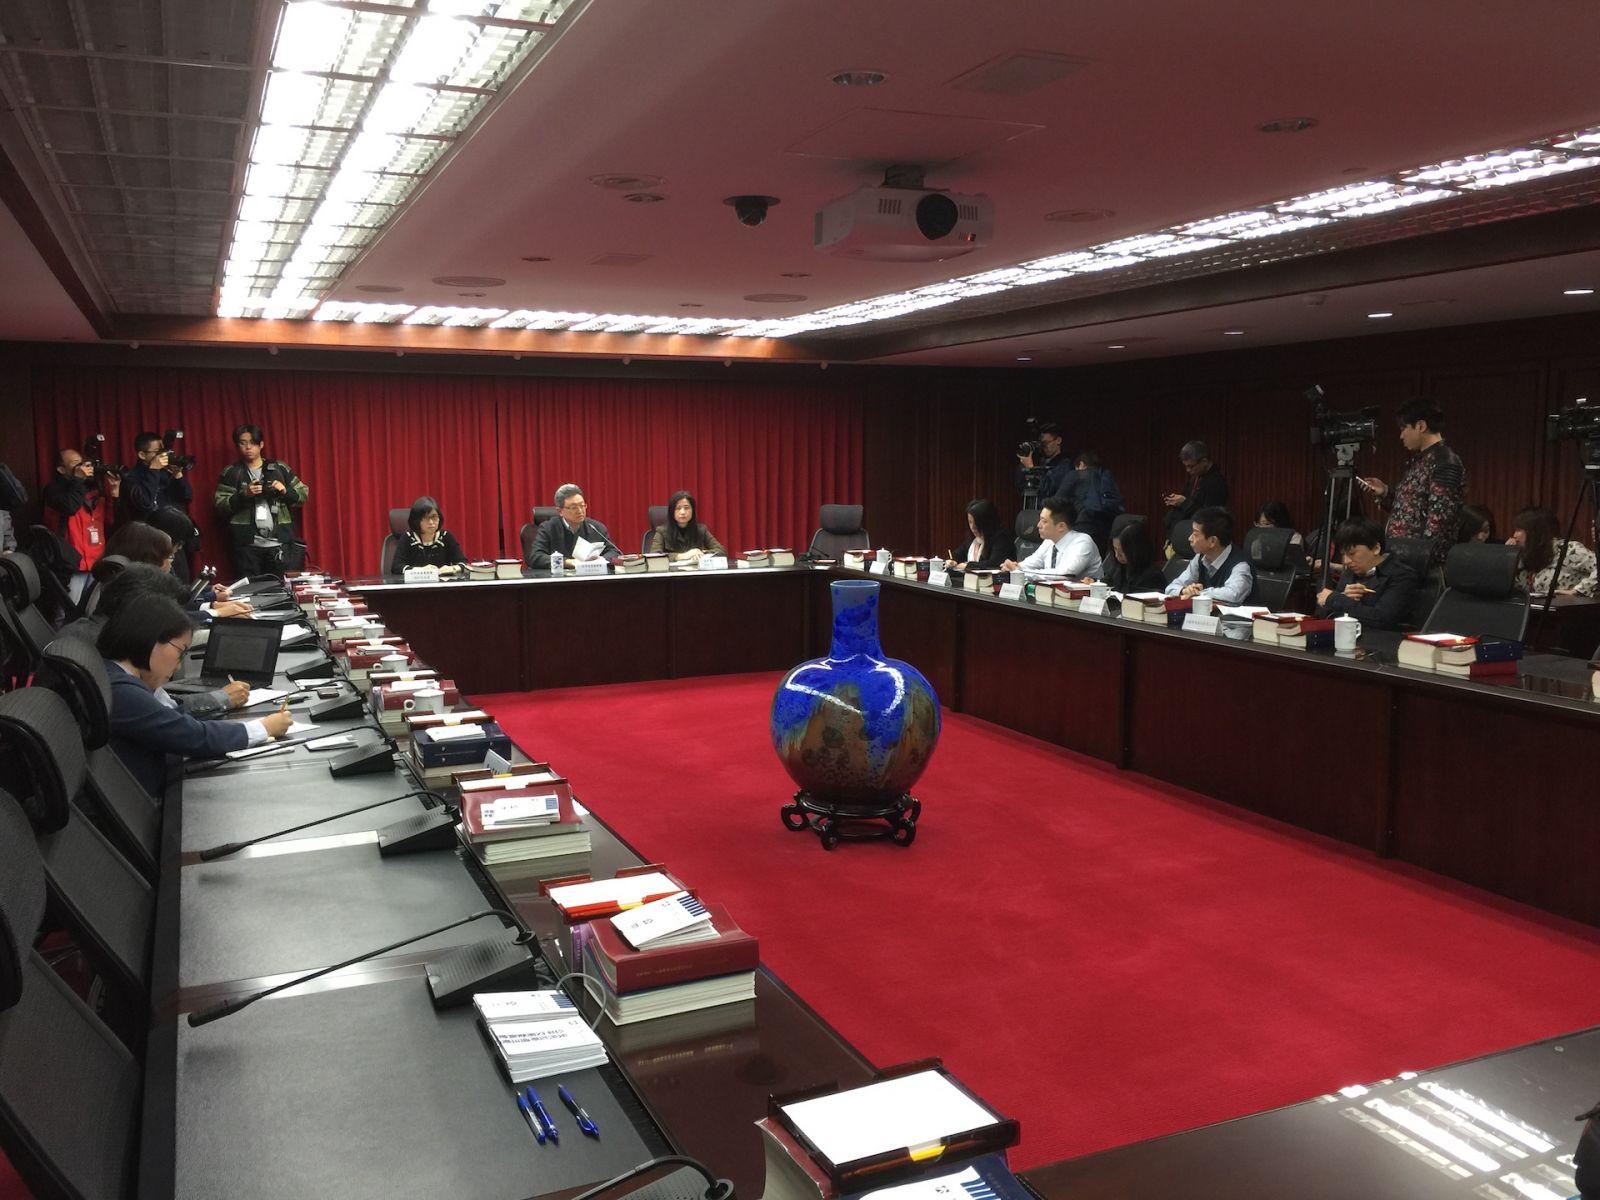 衛生紙齊喊漲掀搶購潮 公平會警告業者:觸犯聯合行為